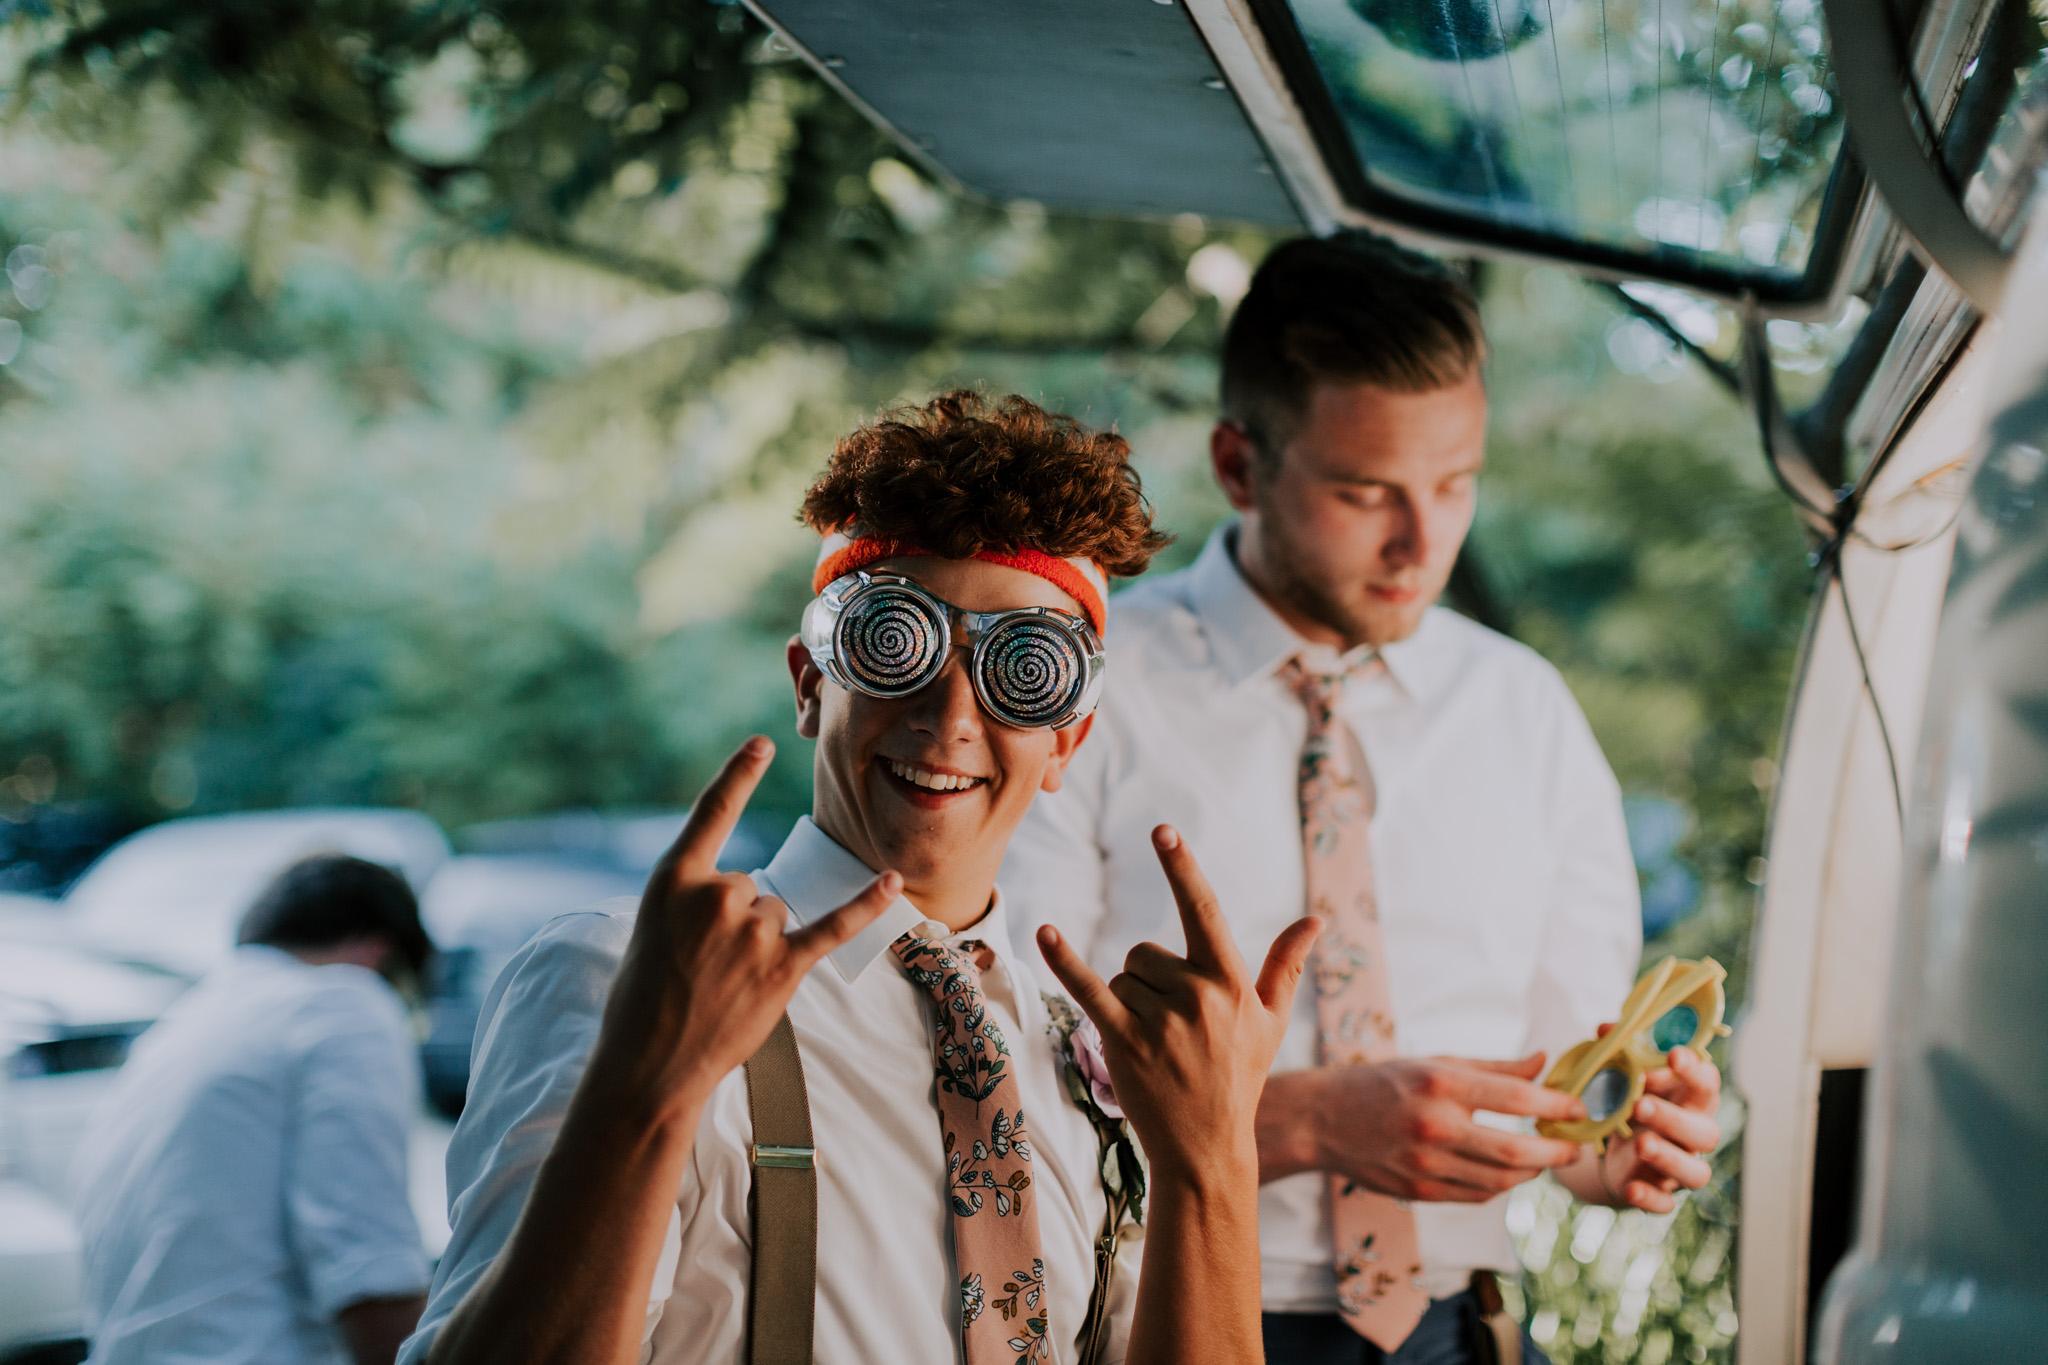 Blue-Dress-Barn-Michigan-Wedding-April-Seth-Vafa-Photo873.jpg